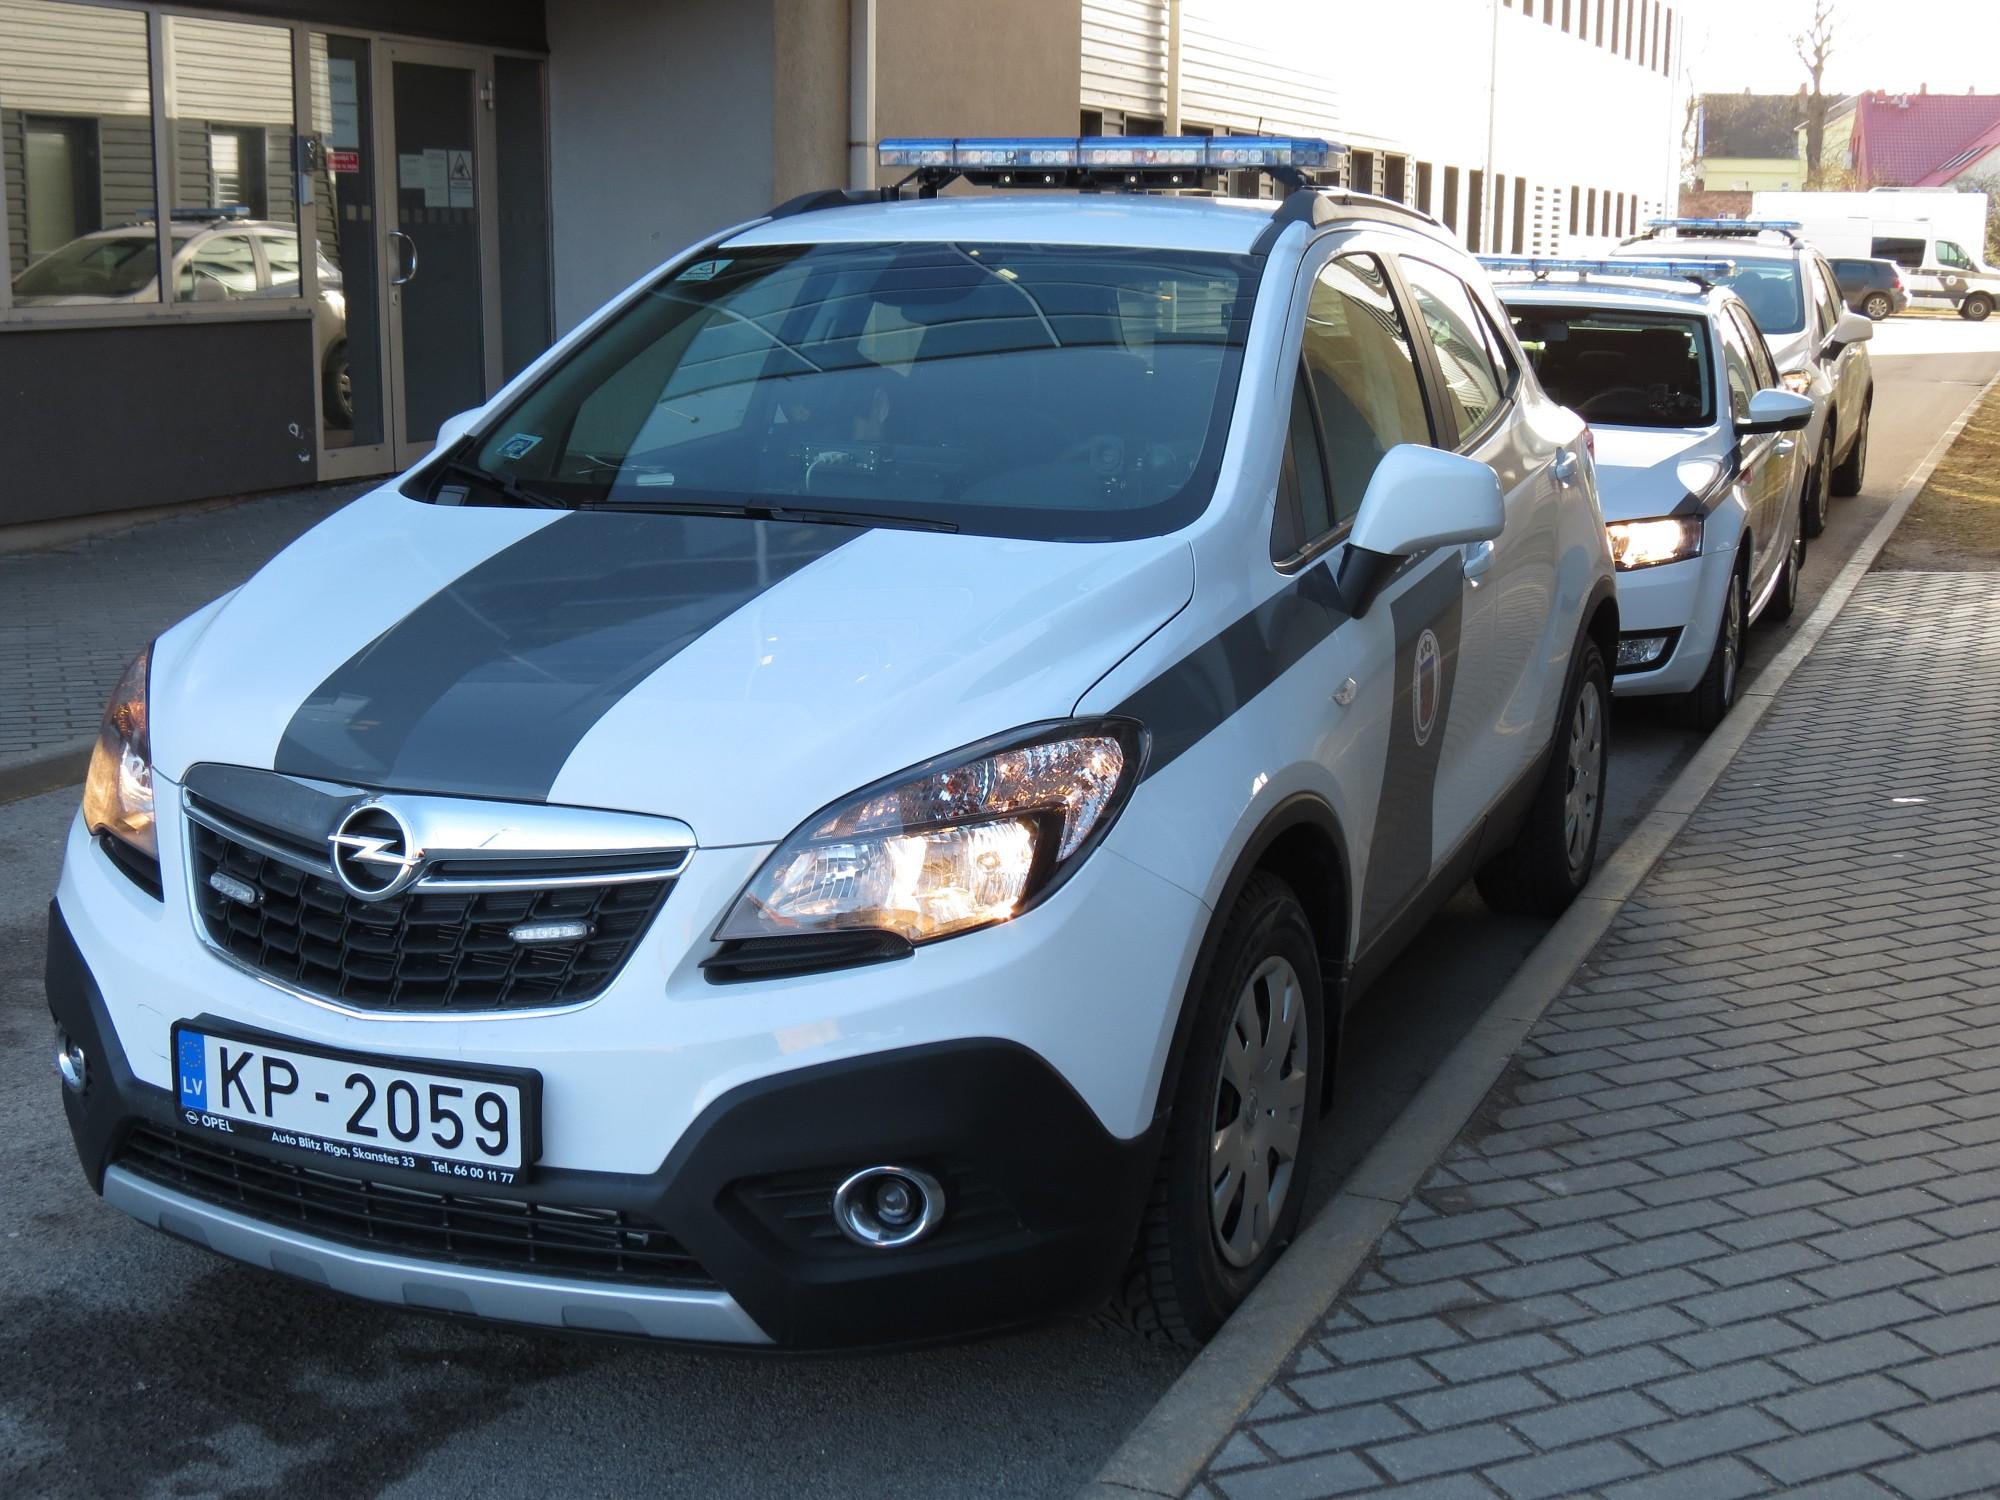 Policija meklē aculieciniekus sadursmei Liepājā